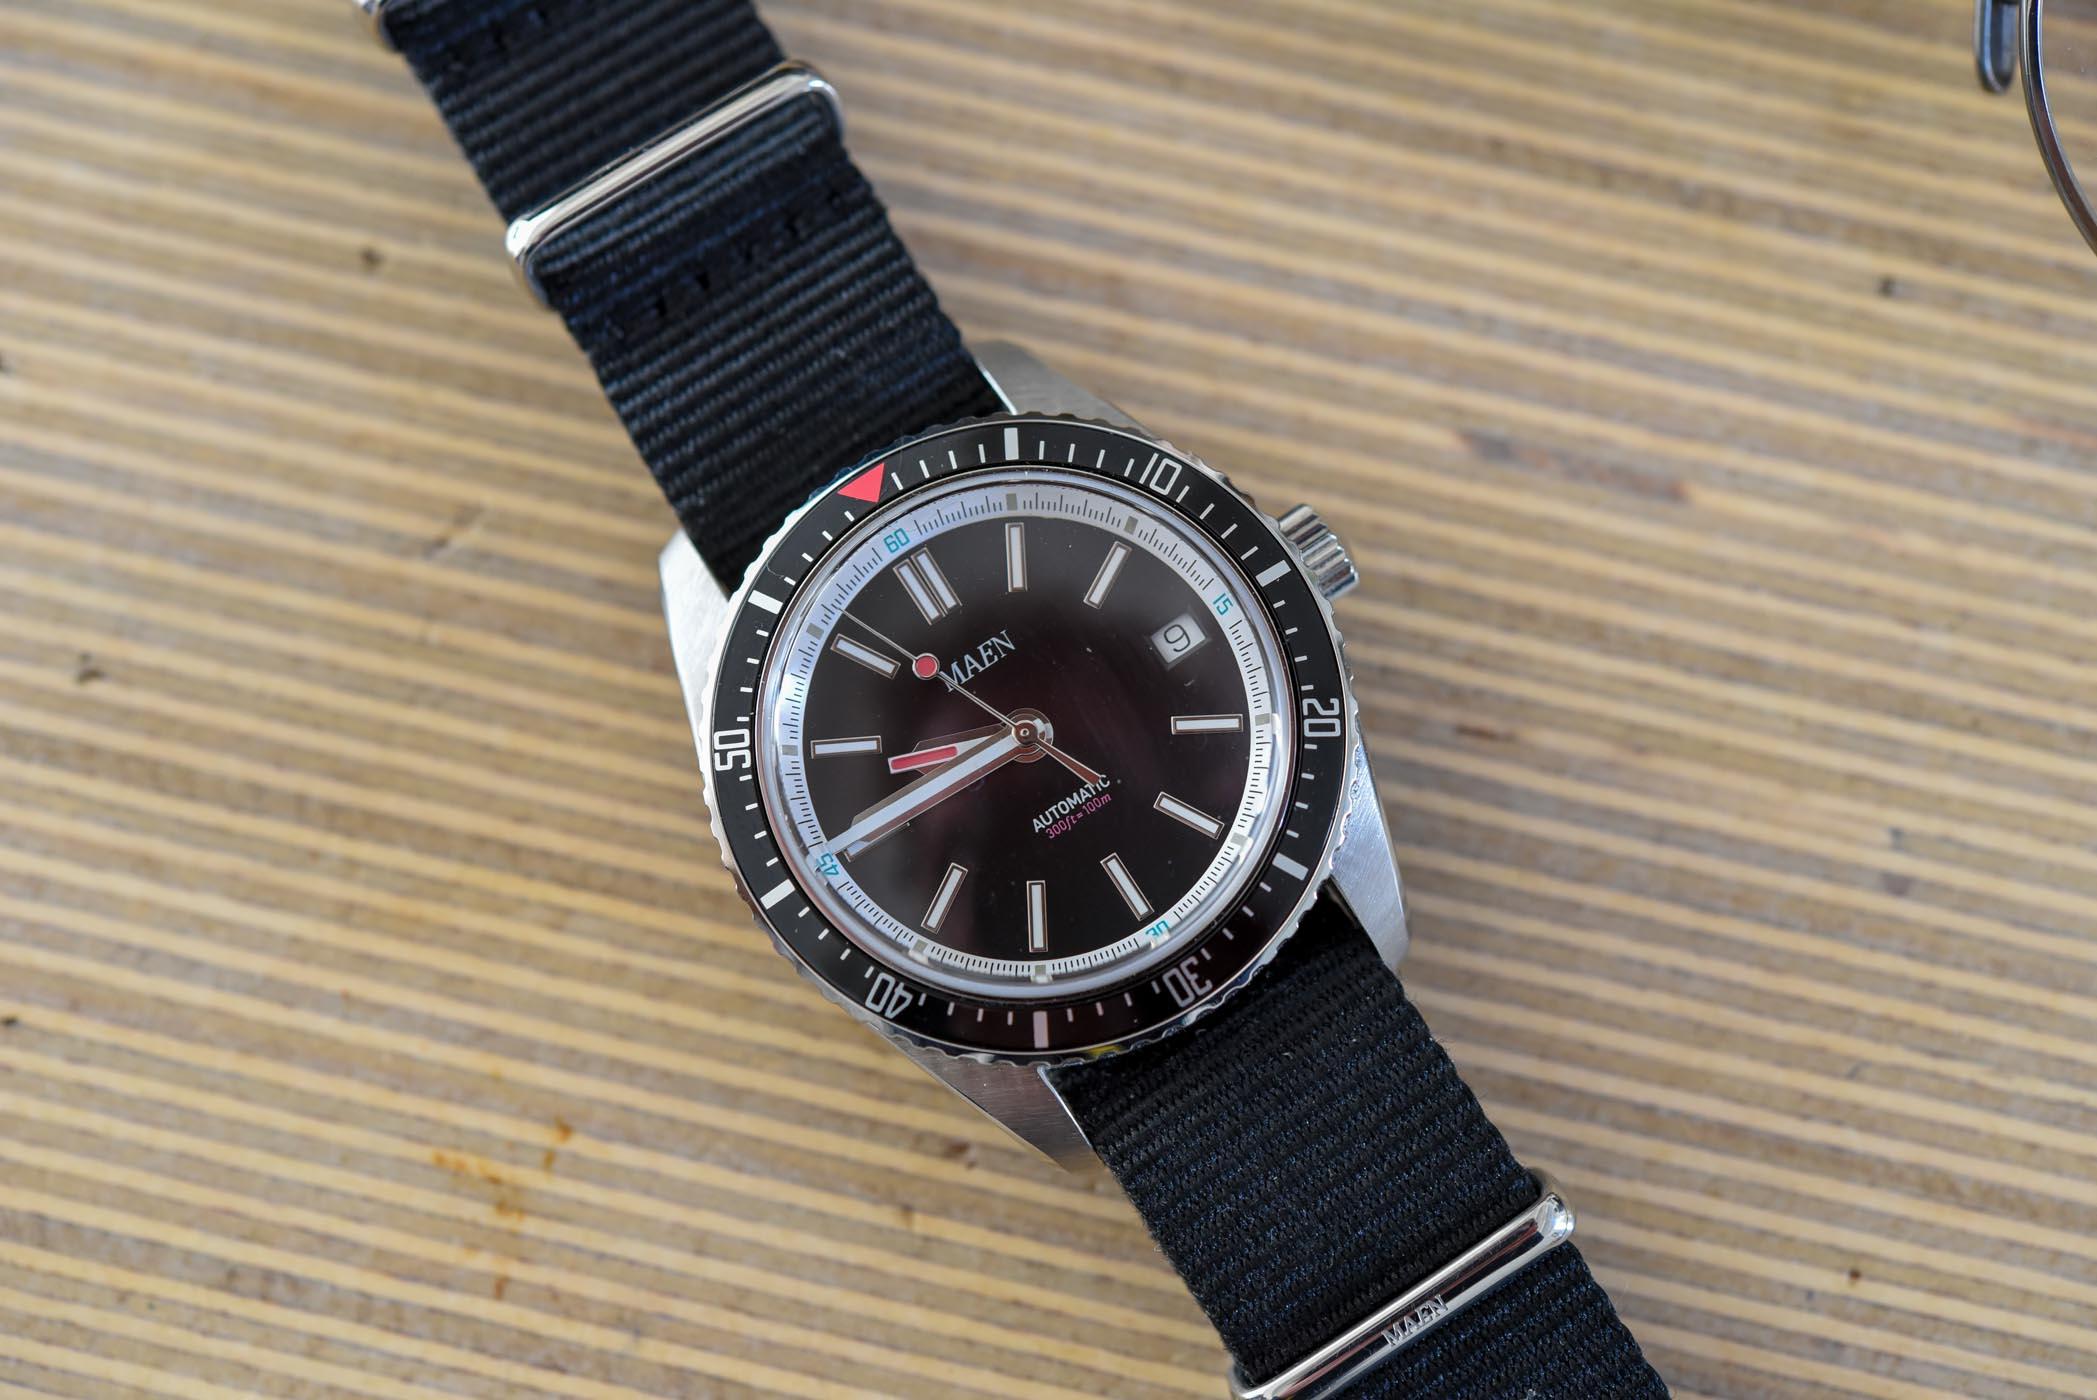 Maen Hudson 38 Automatic - kickstarter